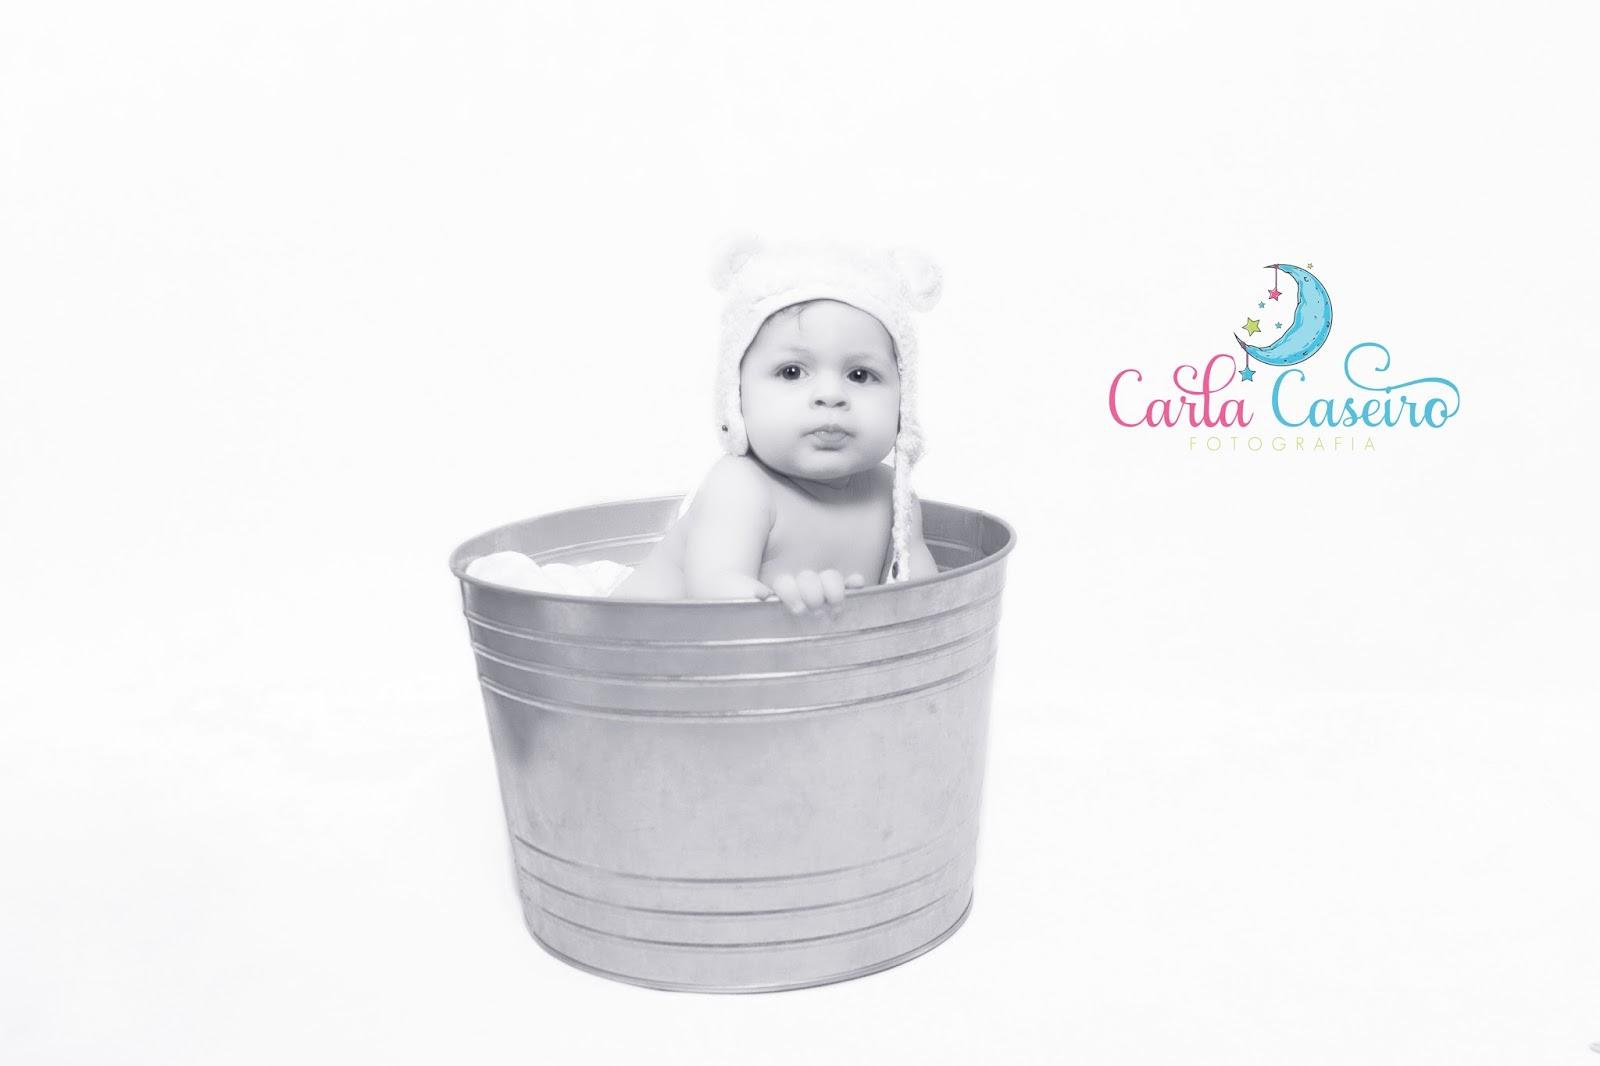 Carla caseiro fotografia sess o fotogr fica beb 6 meses - Tos bebe 6 meses ...